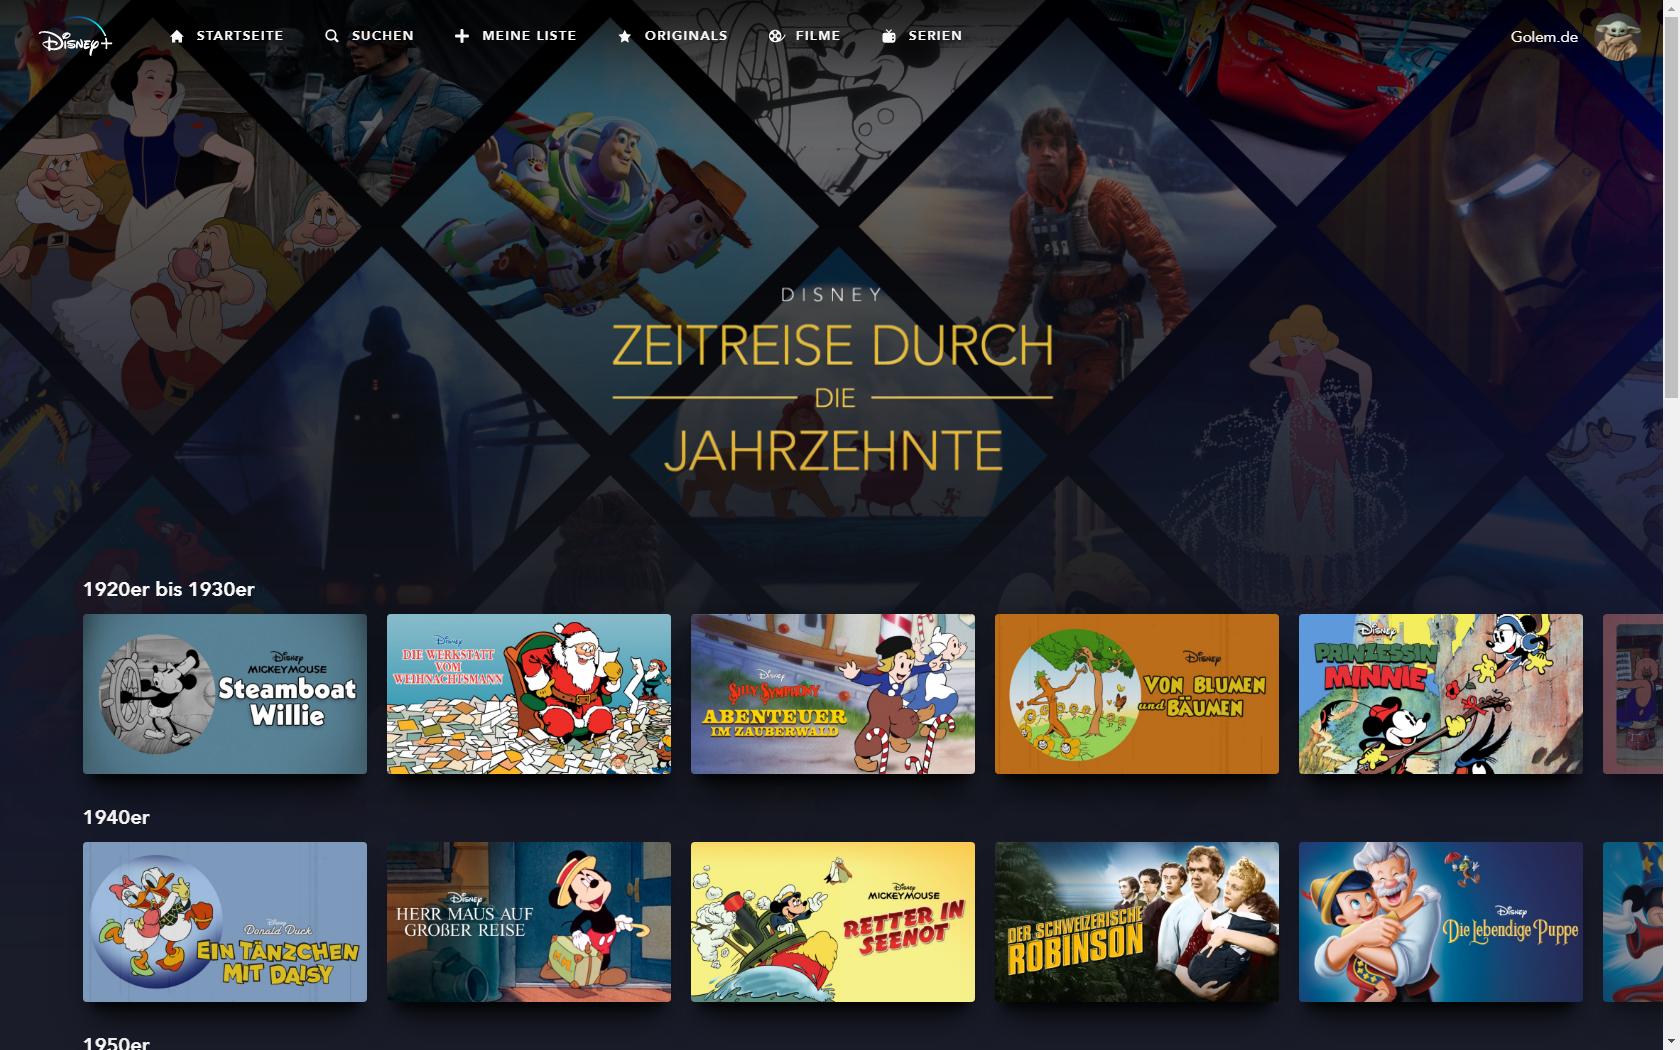 Konkurrenz für Netflix und Prime Video: Disney nennt Filme und Serien für Disney+ in Deutschland - Inhalte von Disney+ nach Jahrzehnten sortiert - Filme und Serien munter gemischt (Bild: Disney+/Screenshot: Golem.de)